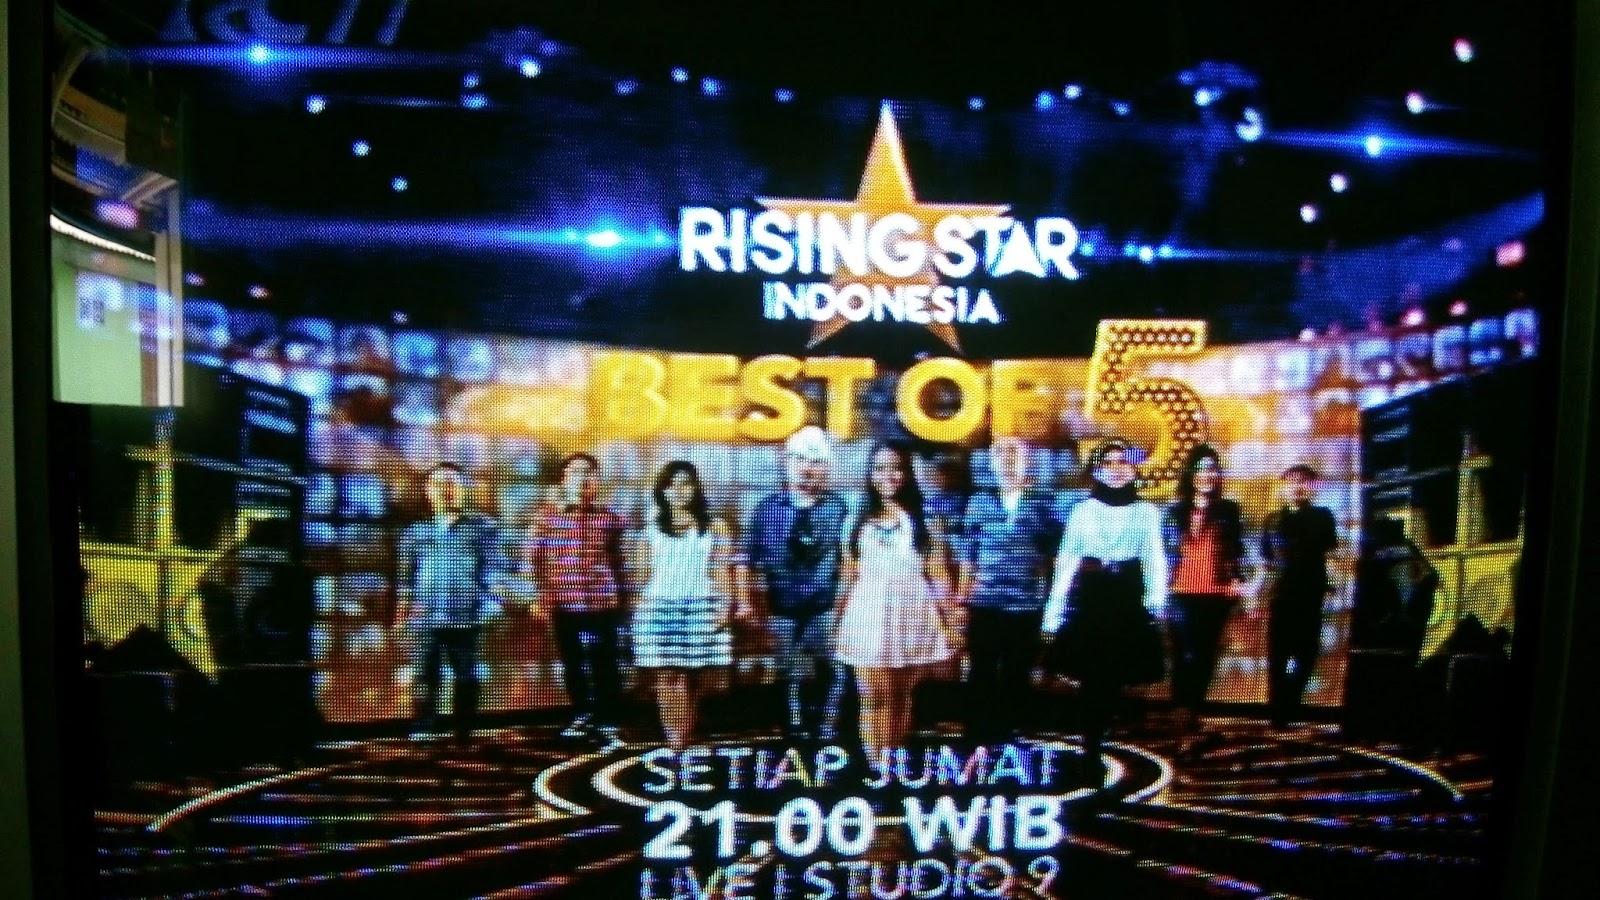 judul lagu yang dinyanyikan 5 besar rising star, nama peserta 5 besar RSI 2014,